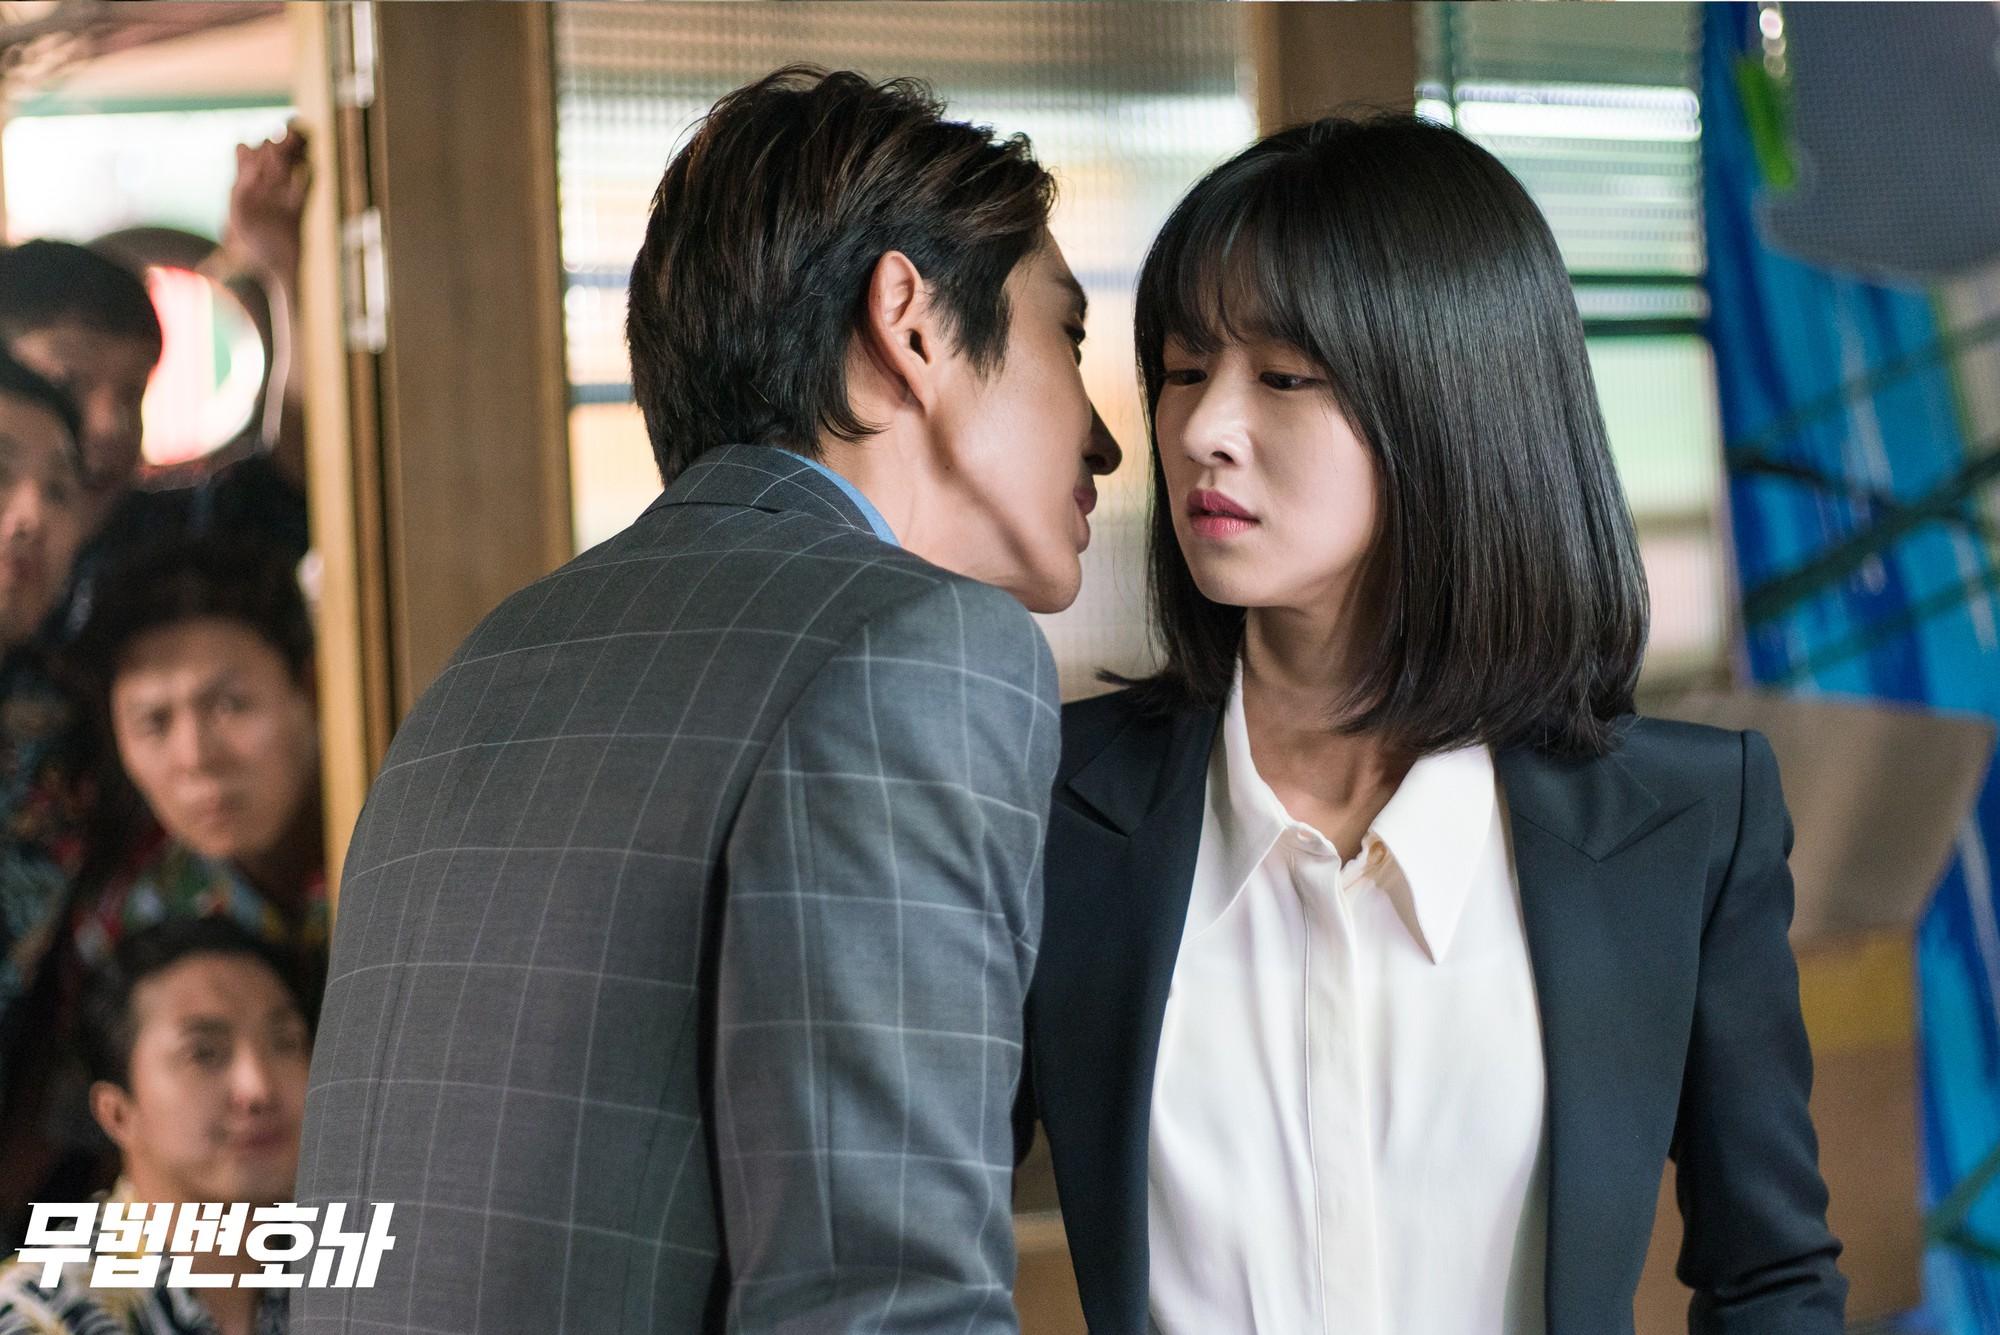 Phim ngầu lòi của Lee Jun Ki mới chiếu đã rating béo múp, còn chất lượng thì sao? - Ảnh 4.